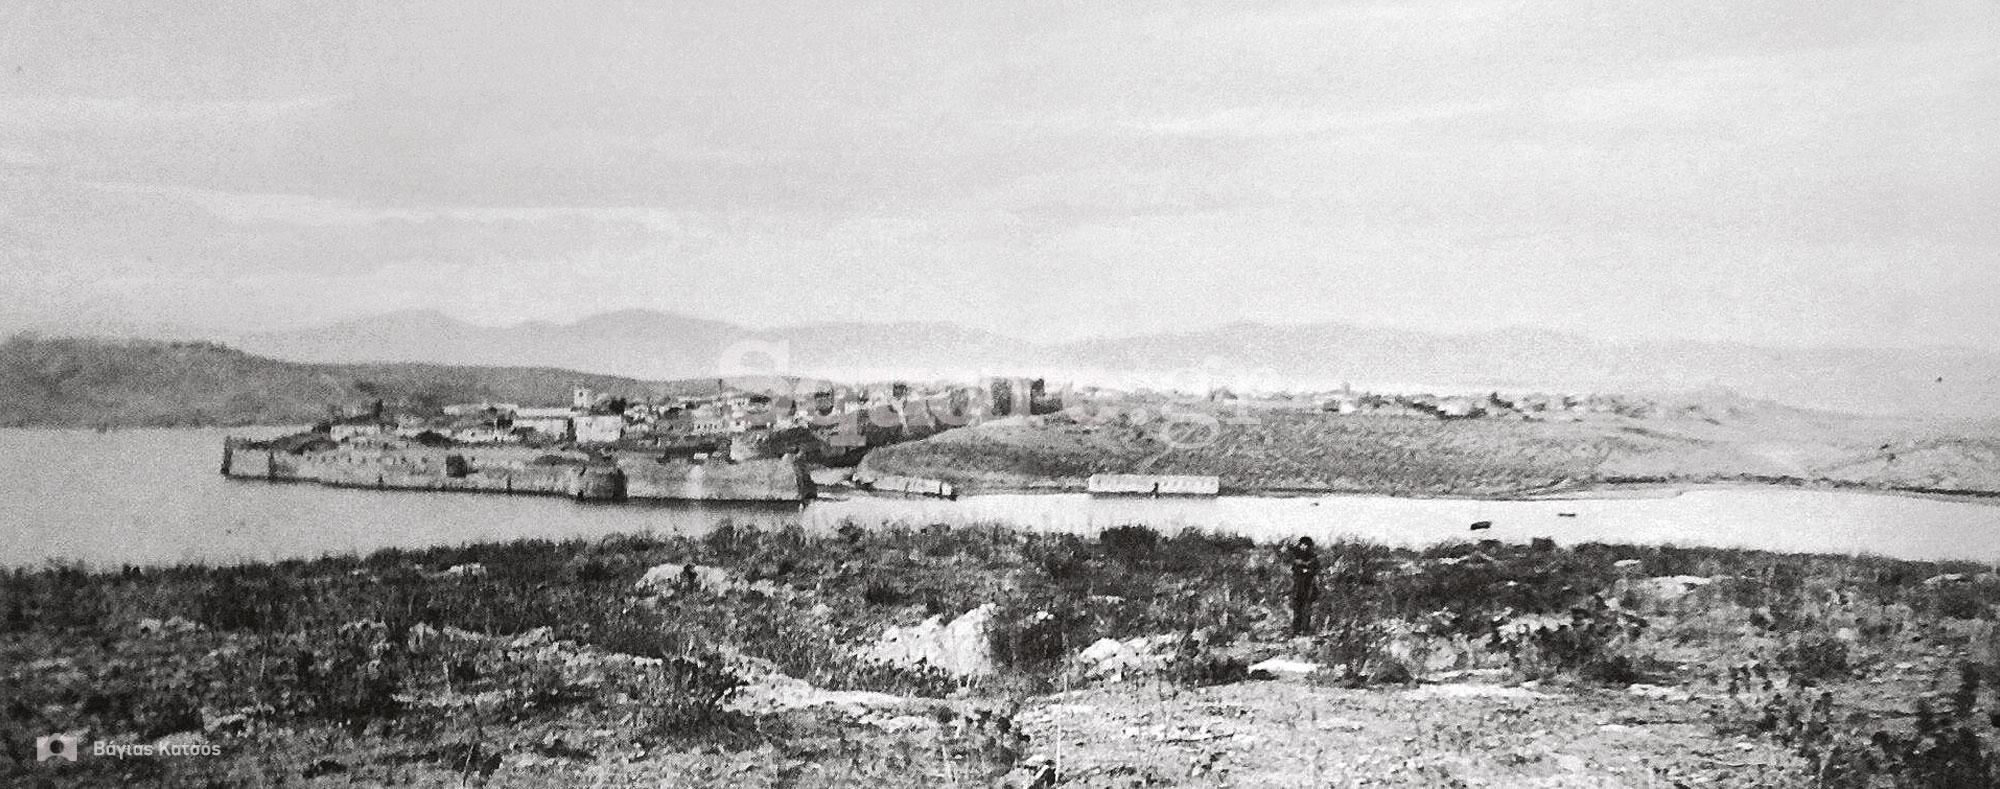 2-ΠΑΝΟΡΑΜΑ-νότιων-τειχών-Αποτελούμενο-απο-2-μέρη,τυπώματα-αλμπουμίνας-επικολημένη-σε-χαρτόνι-1885-του-Μένσελ